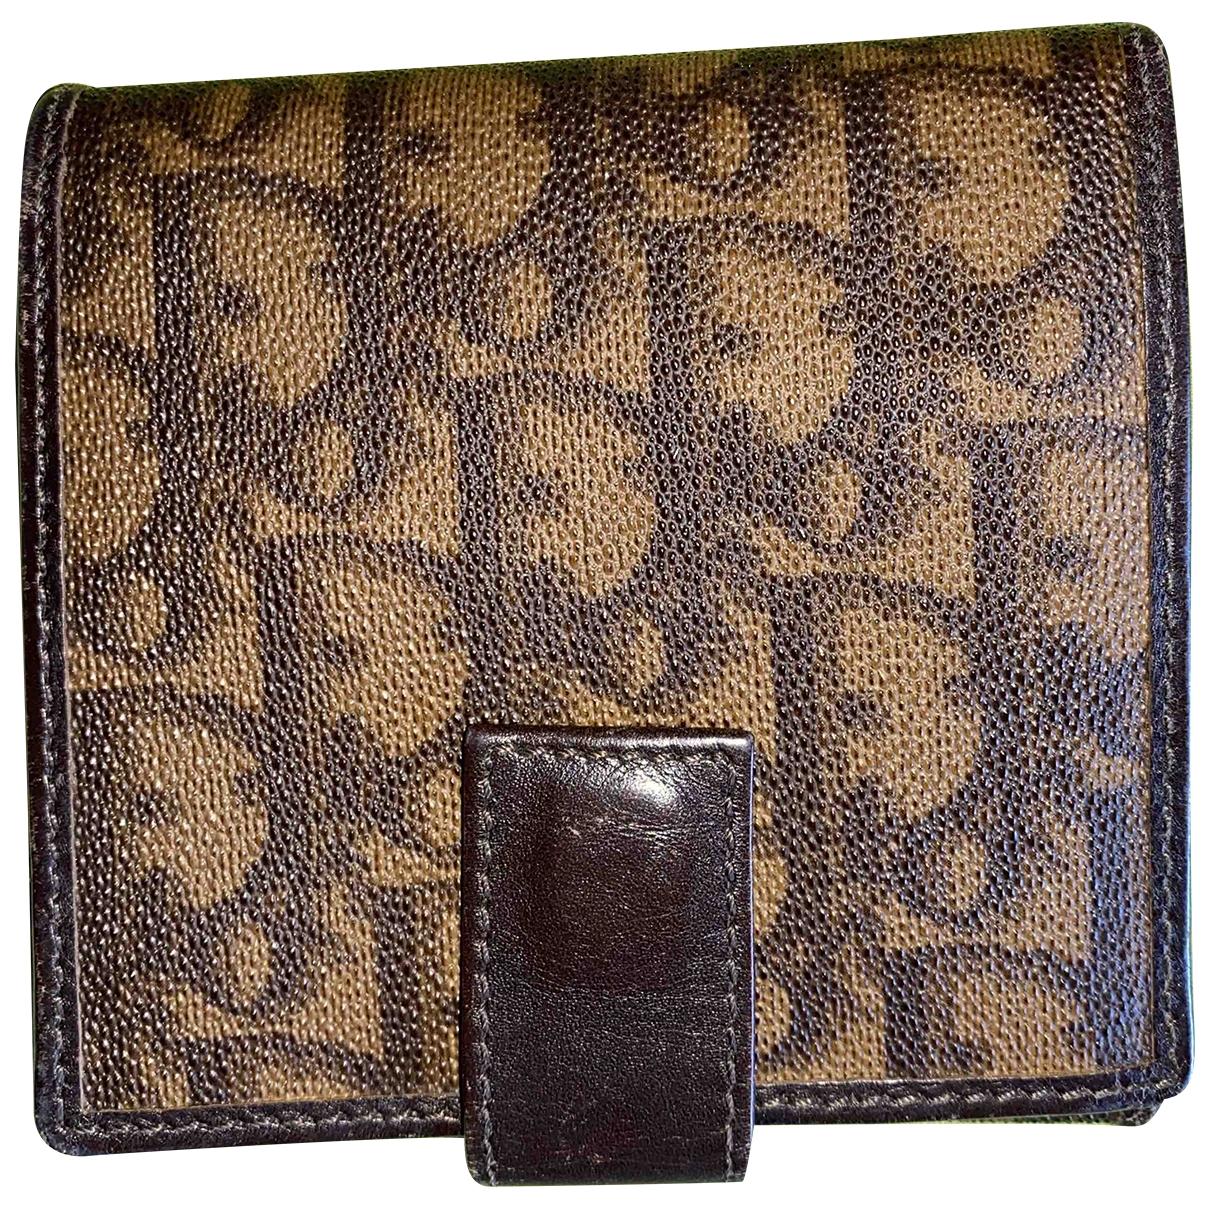 Christian Dior - Portefeuille   pour femme en cuir - marron